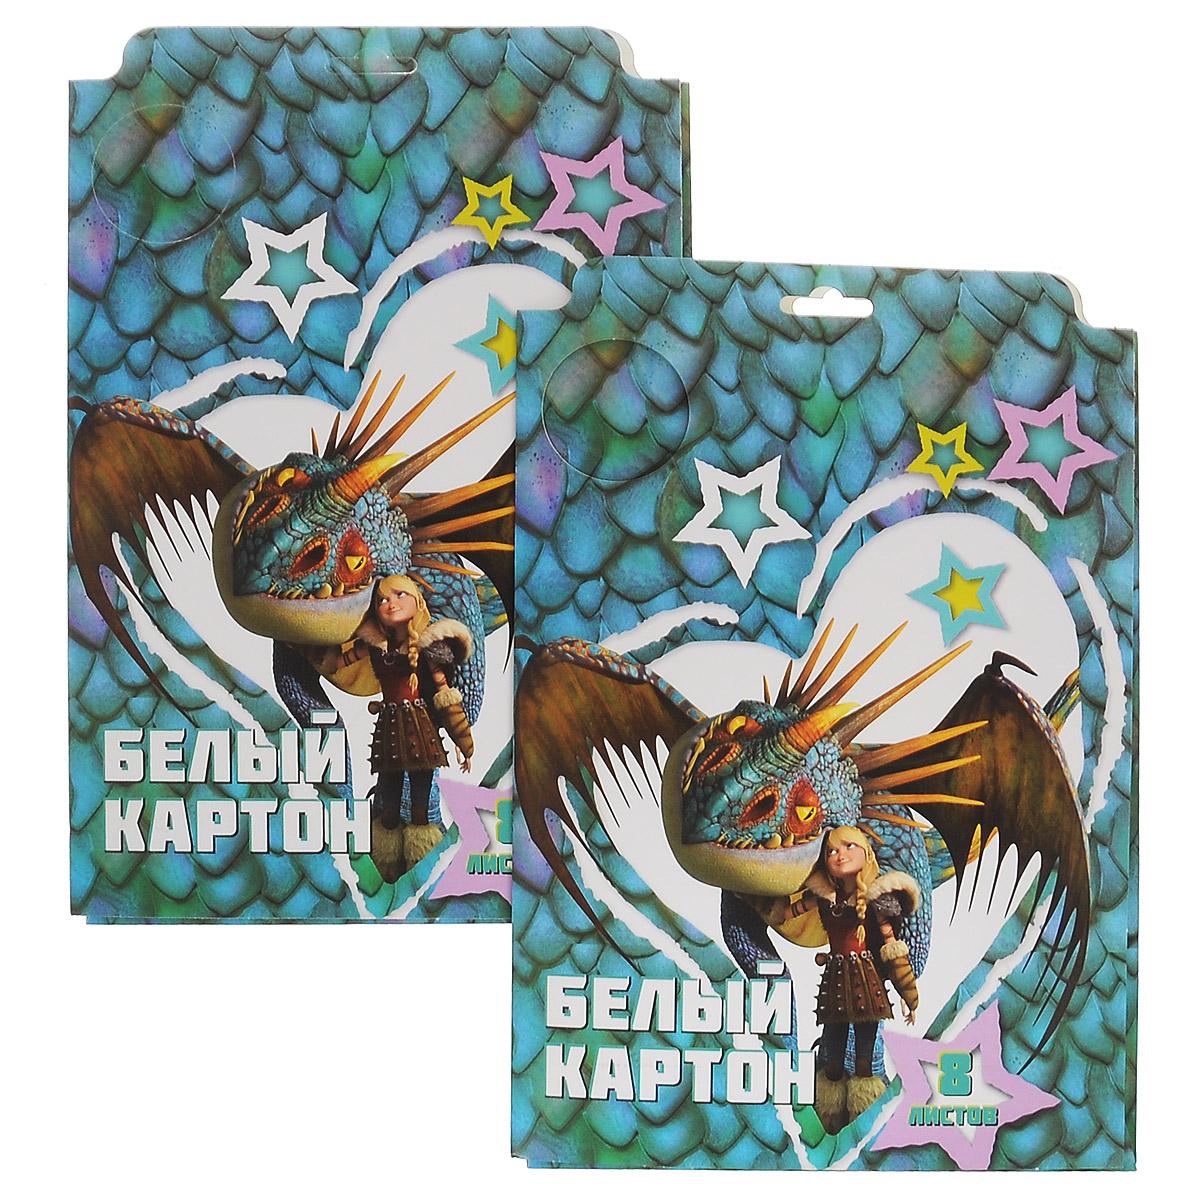 Action! Картон белый Dragons, мелованный, 8 листов, 2 шт72523WDКартон мелованный белый Action! Dragons позволит вашему ребенку создавать всевозможные аппликации и поделки. Набор состоит из 8 листов картона белого цвета формата А4. Листы упакованы в оригинальную картонную папку, оформленную изображением героев Dragons. Создание поделок из картона поможет ребенку в развитии творческих способностей, кроме того, это увлекательный досуг.В комплекте 2 набора по 8 листов.Рекомендуемый возраст от 6 лет.